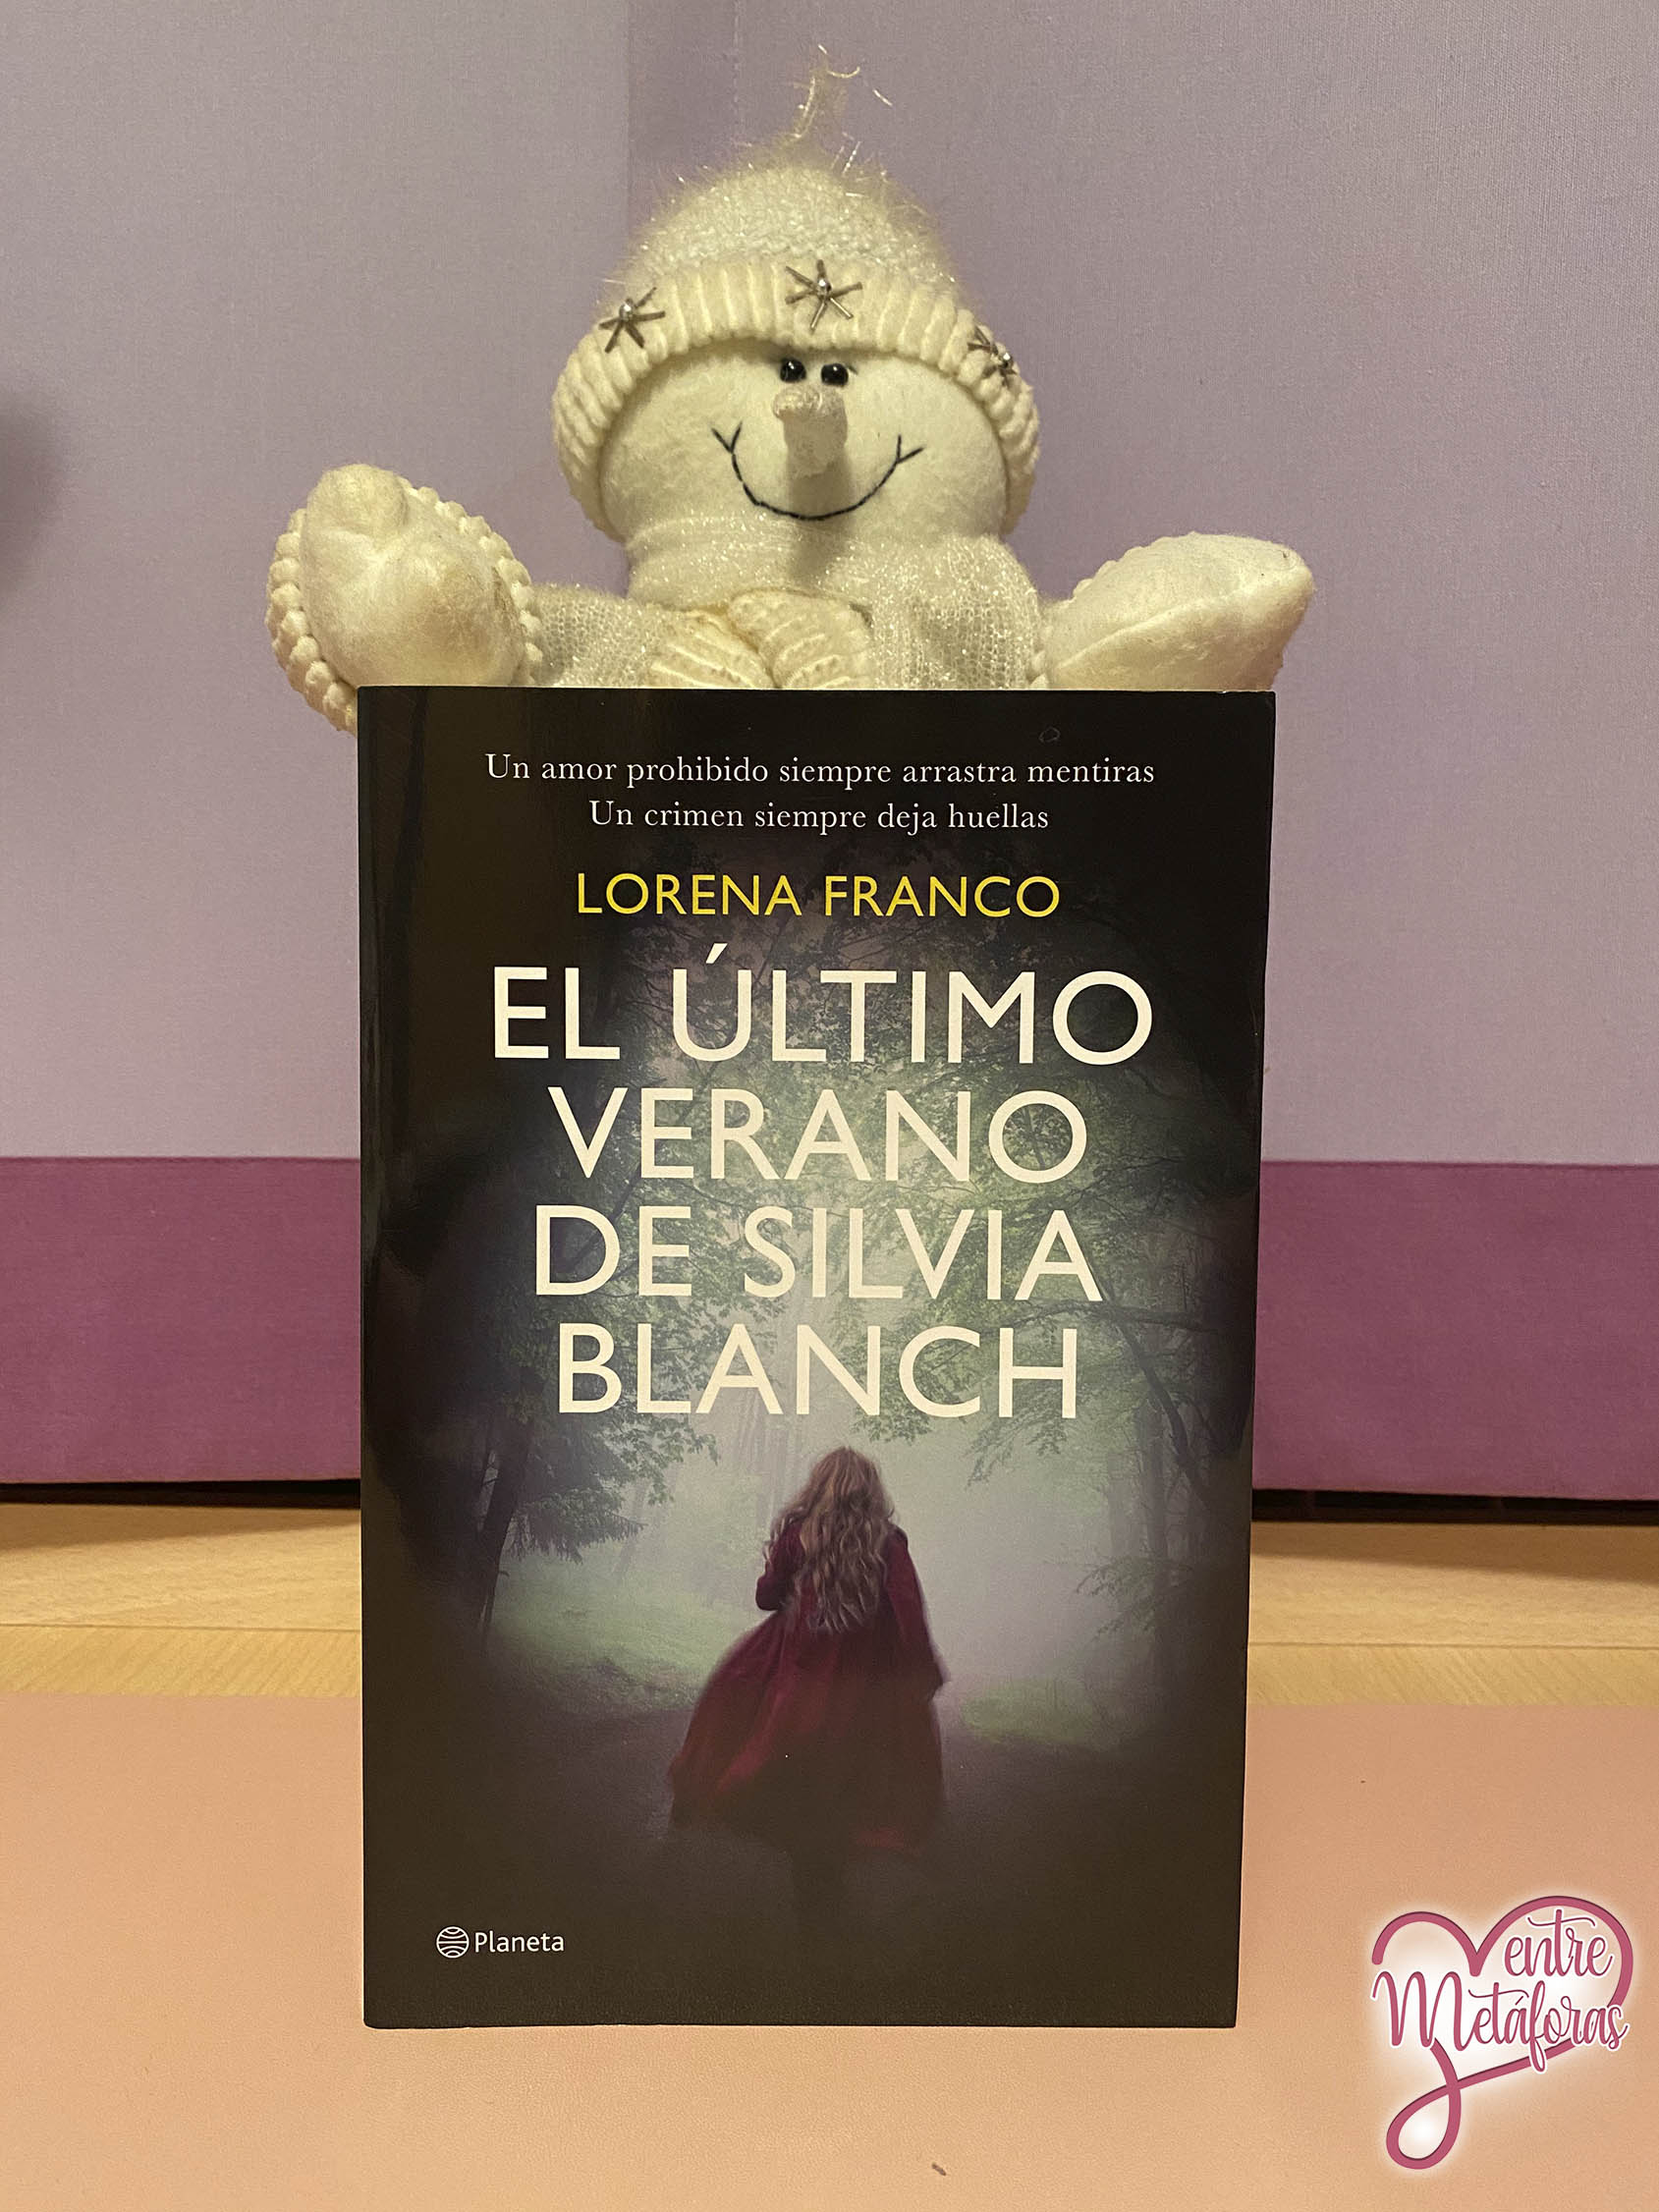 El último verano de Silvia Blanch, de Lorena Franco - Reseña